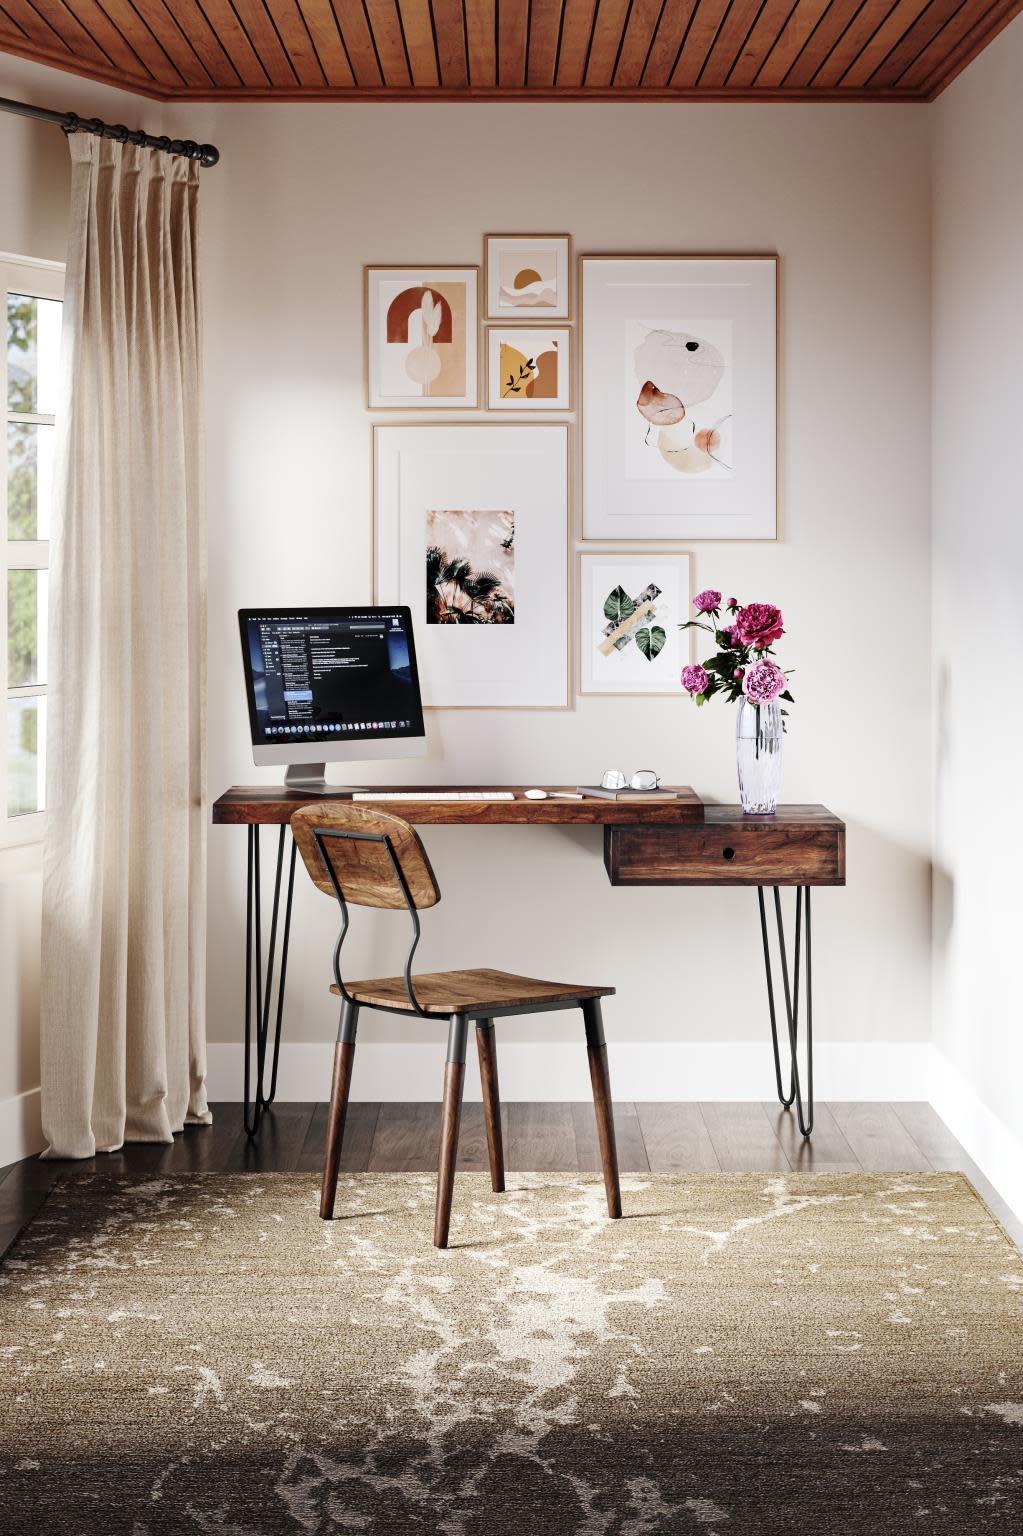 Jofran Natures Edge Desk Light Chestnut